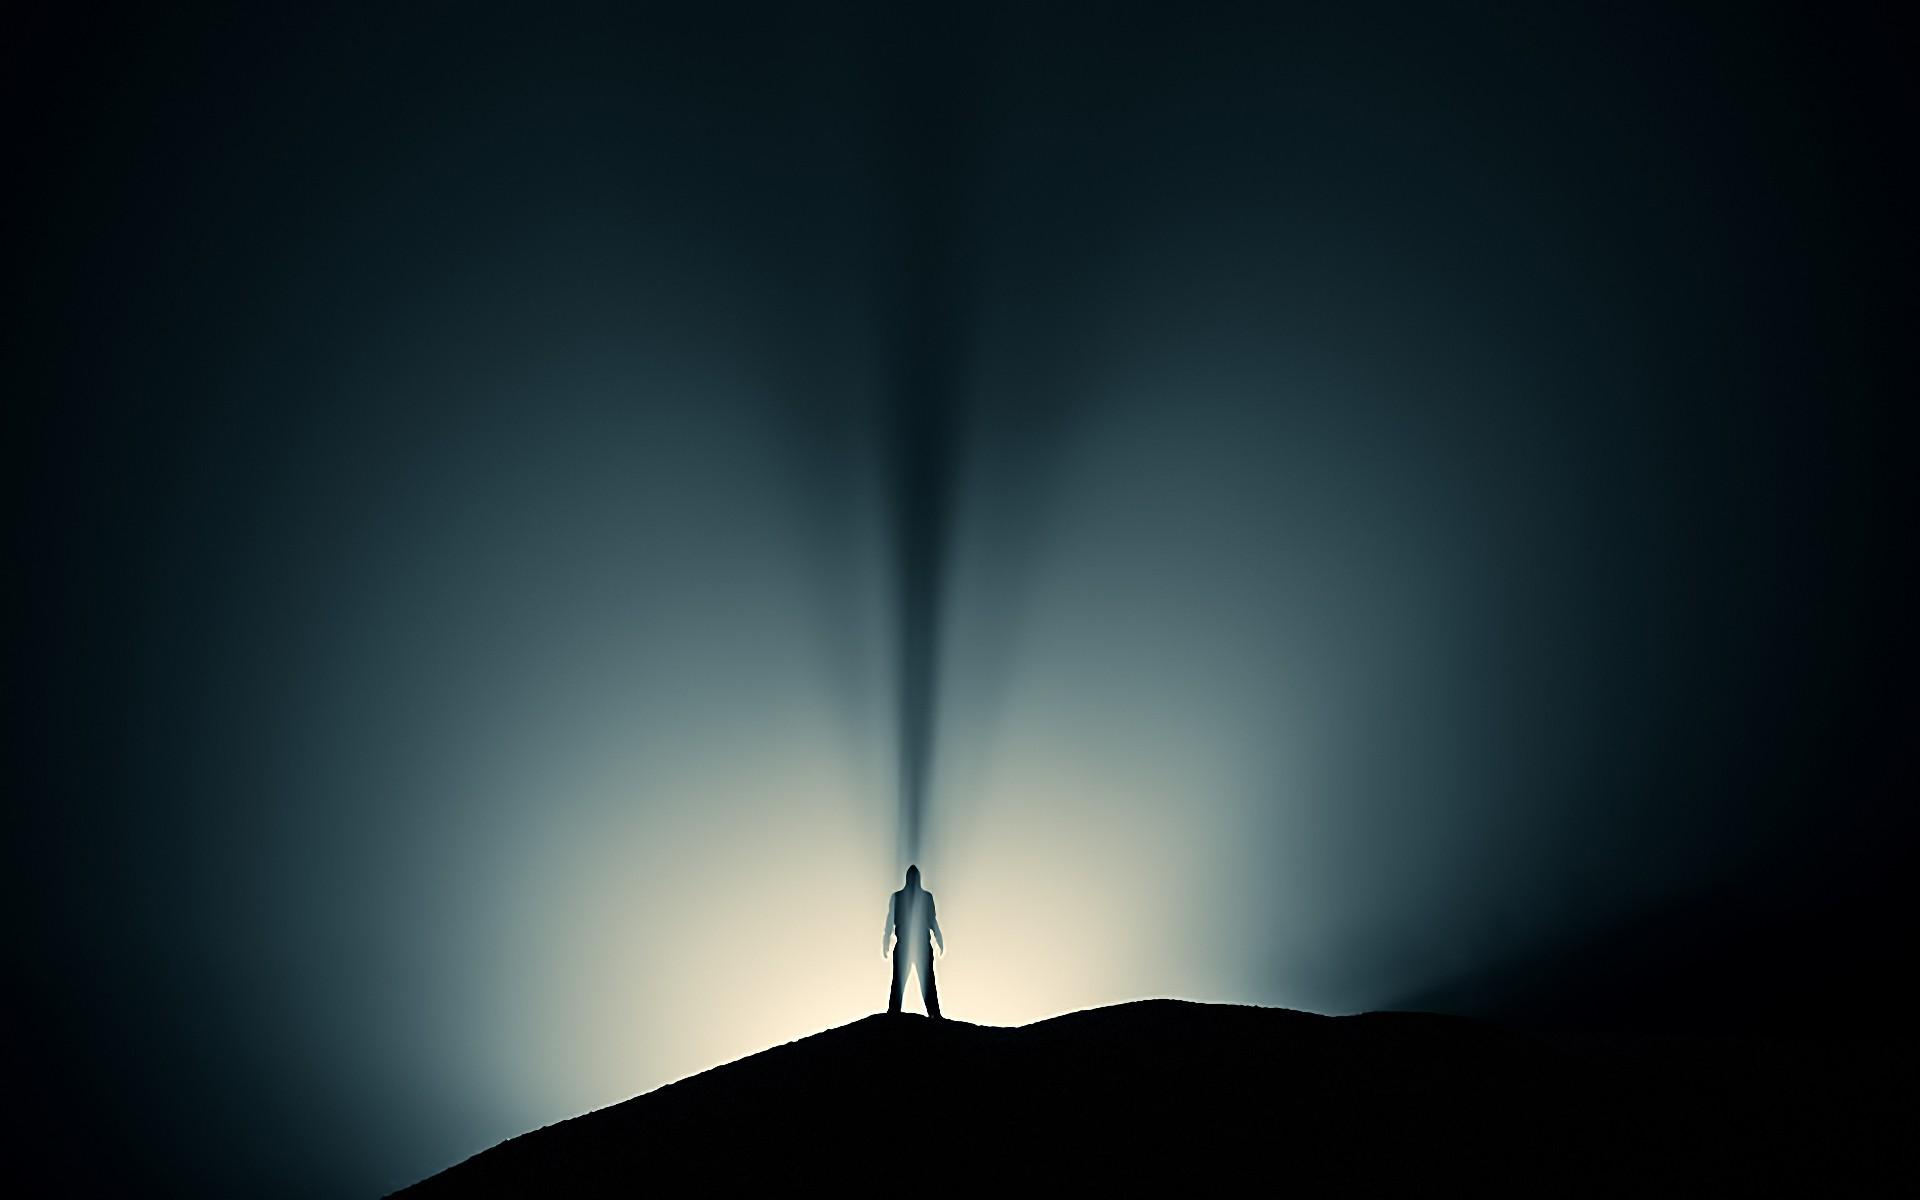 Картинка свет среди тьмы